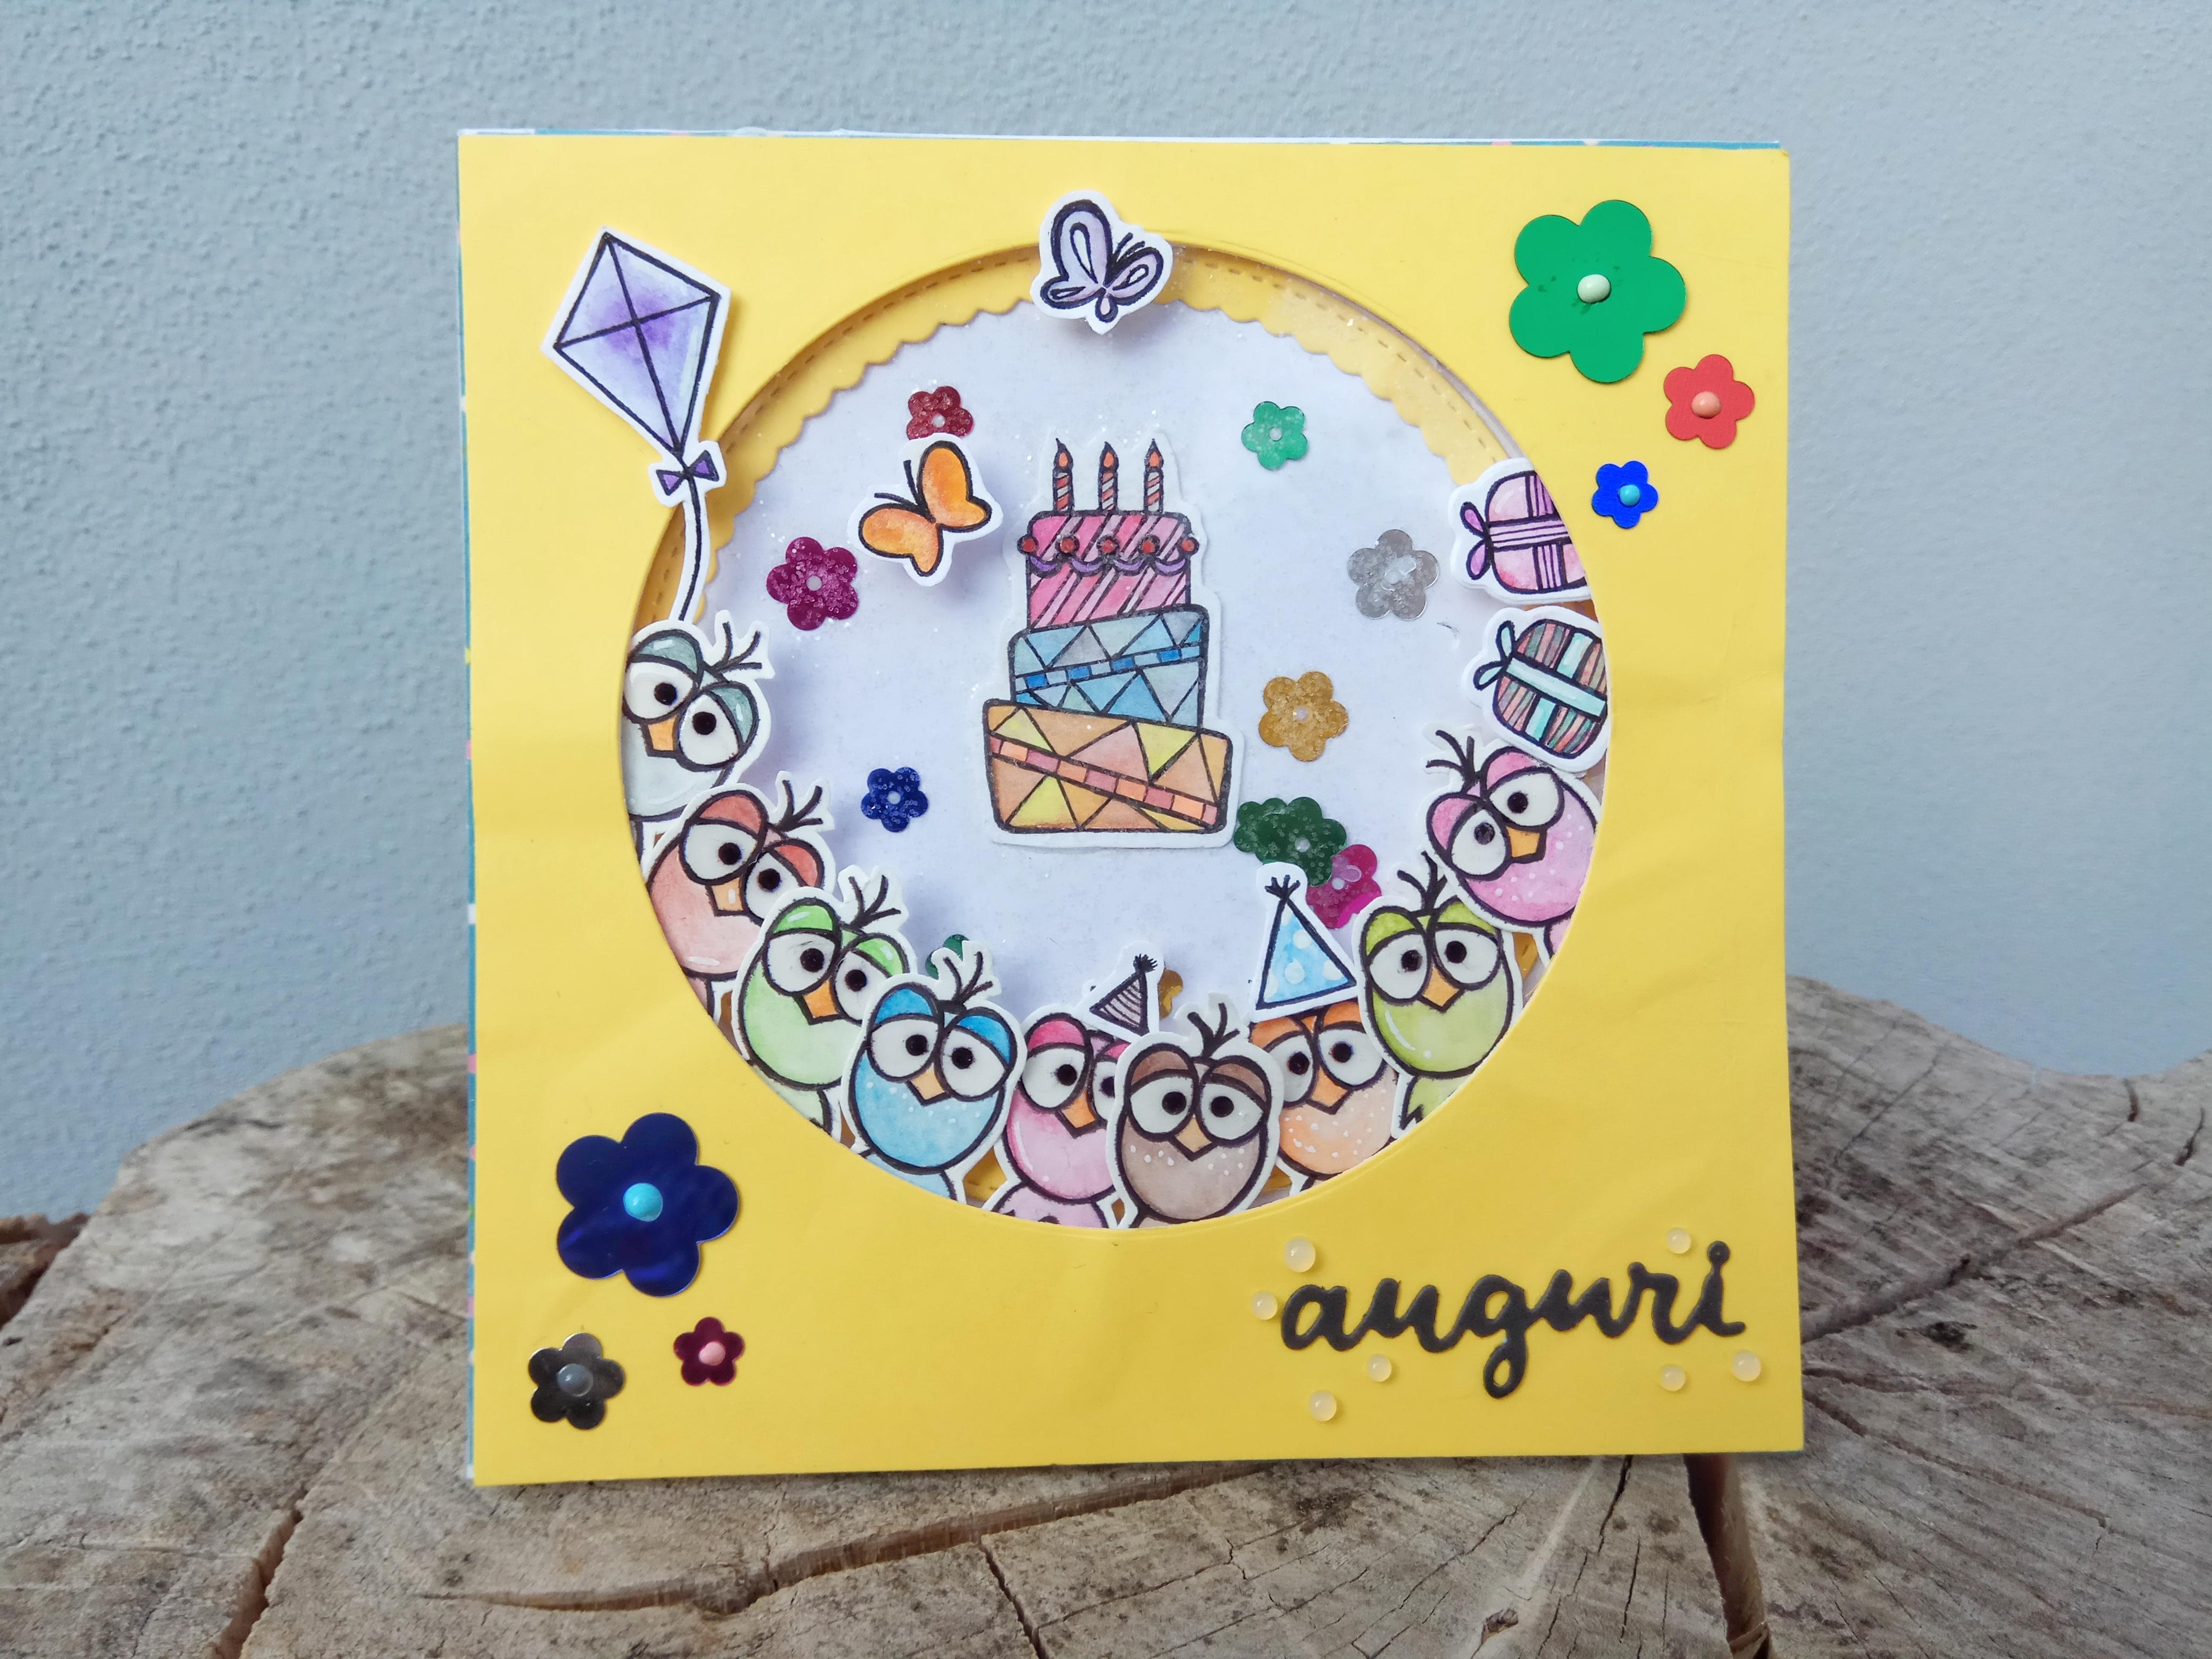 Shaker card di compleanno gialla con pulcini.